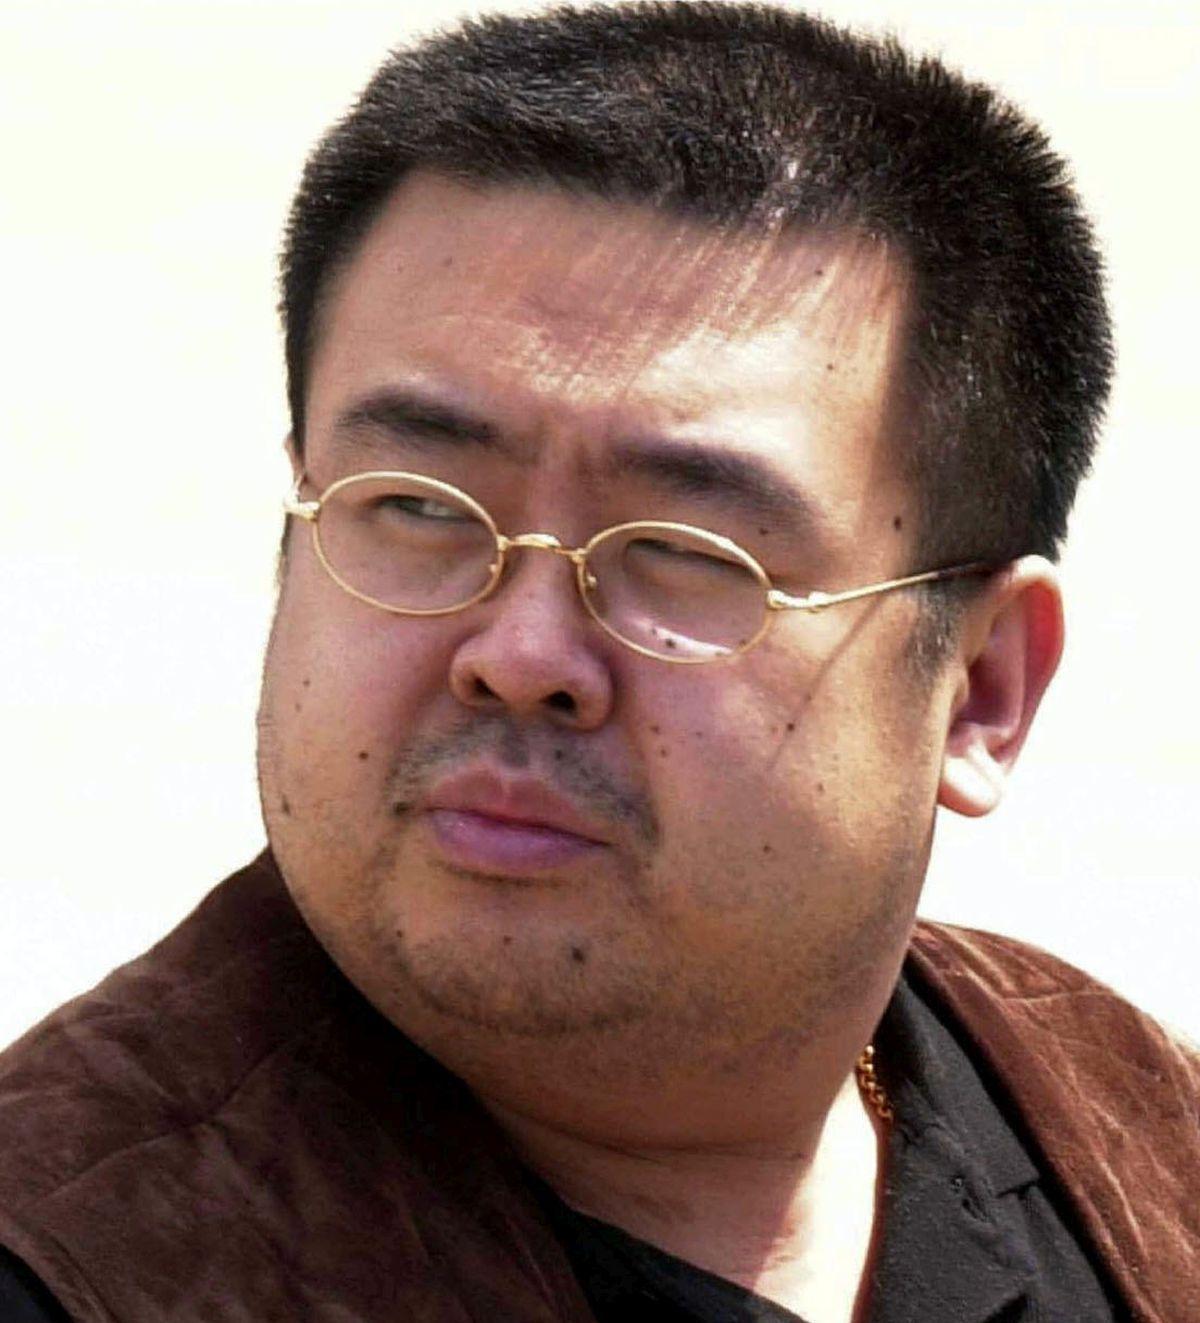 Malezijske vlasti uhitile Sjevernokorejca povezanog s ubojstvom Kim Jong Nama